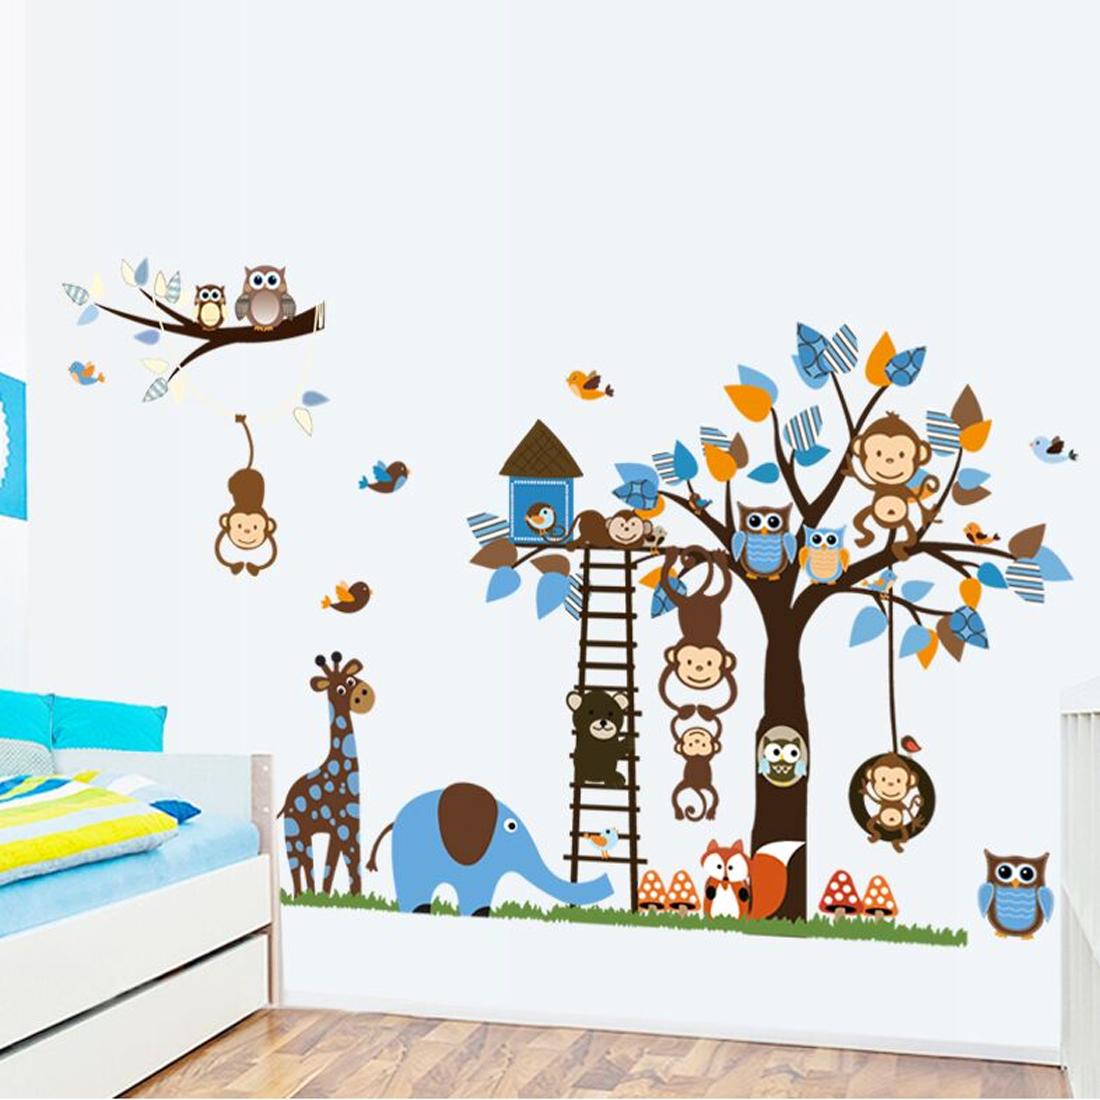 Muursticker dieren jungle - Afbeelding babykamer ...